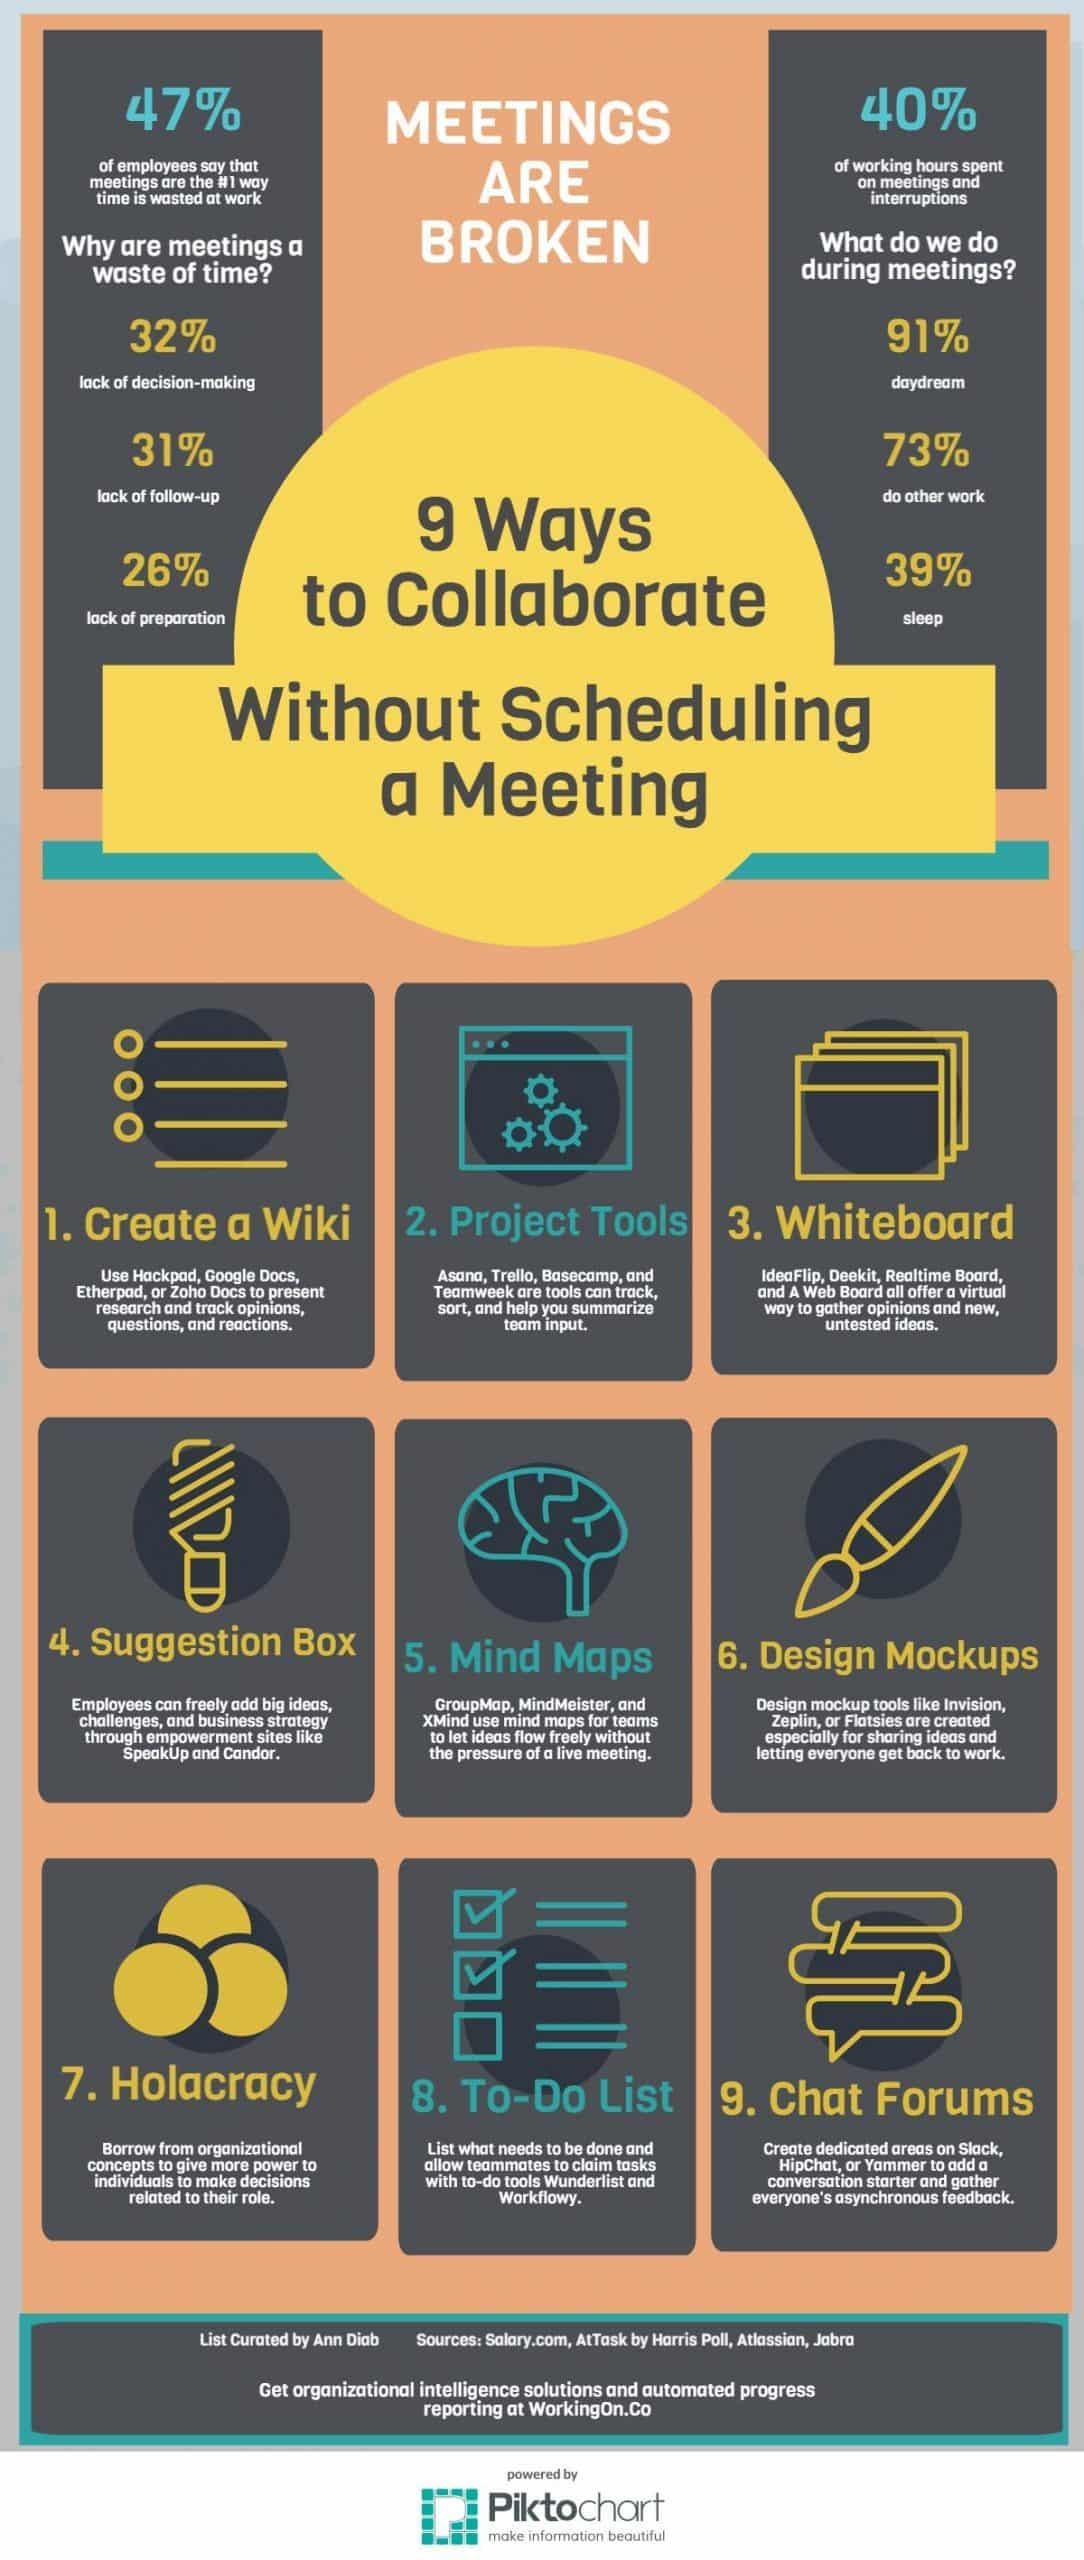 meetings-are-broken1-7151376